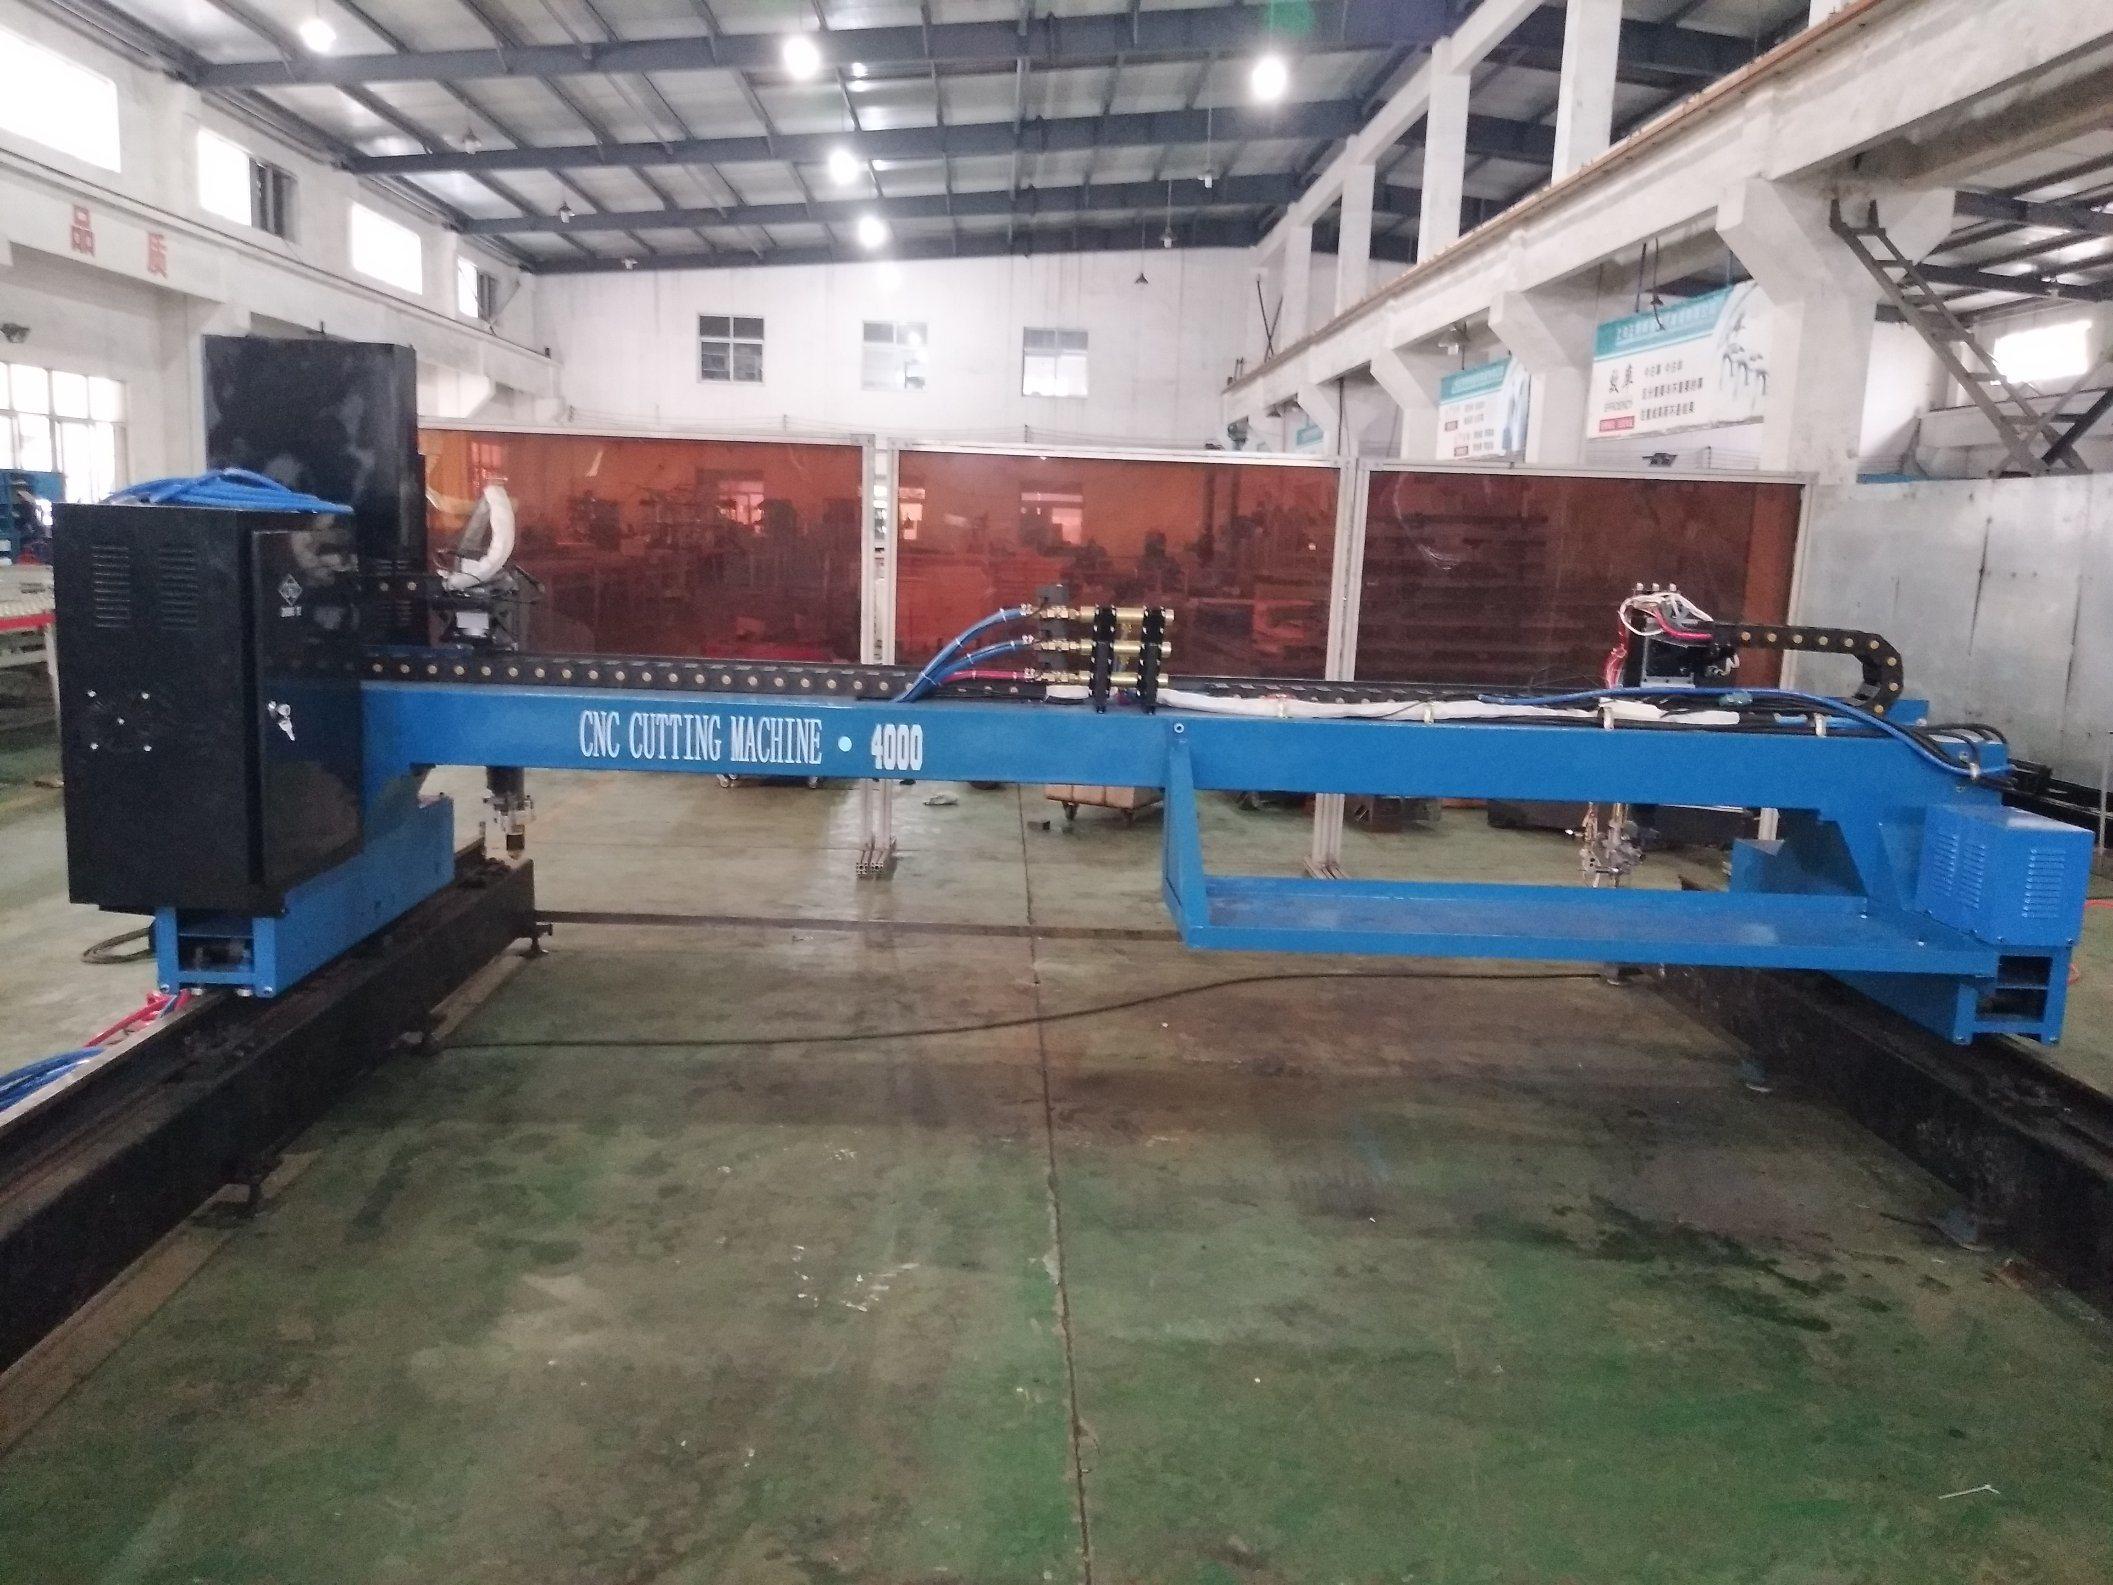 CNC Cutting Machine CNC Plasma Cutting Machine